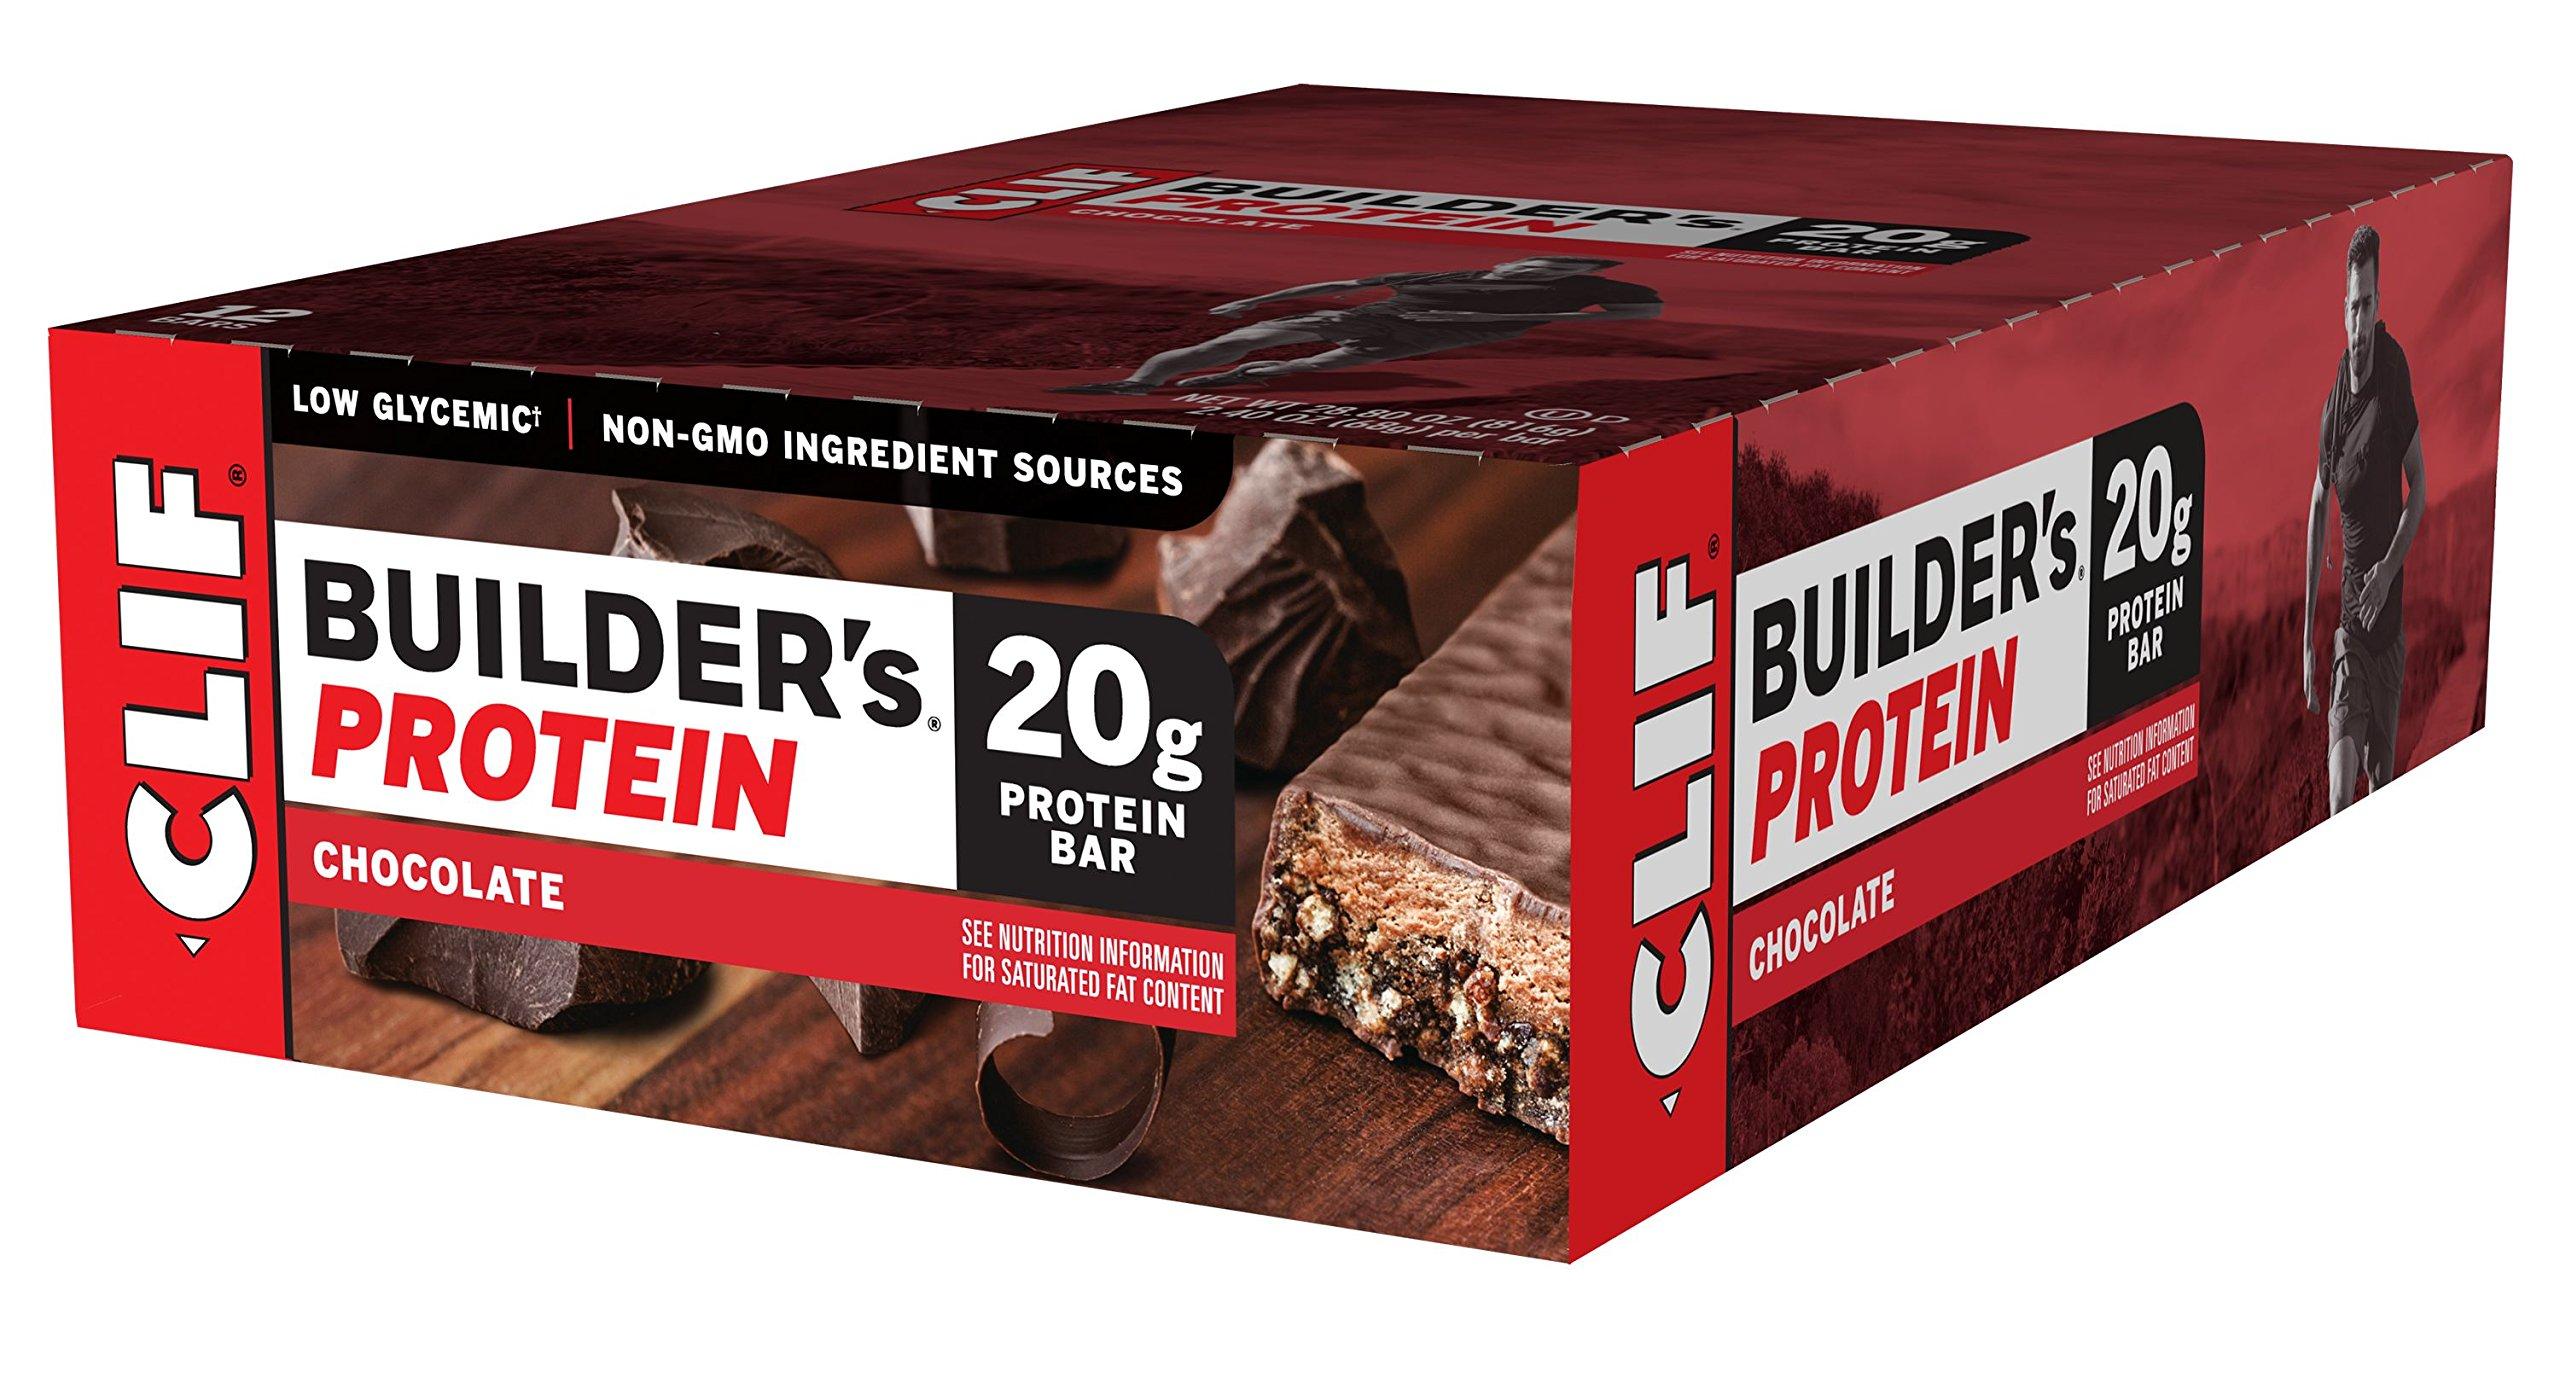 CLIF BUILDER'S - Protein Bar - Chocolate - (2.4 Ounce Non-GMO Bar, 12 Count)